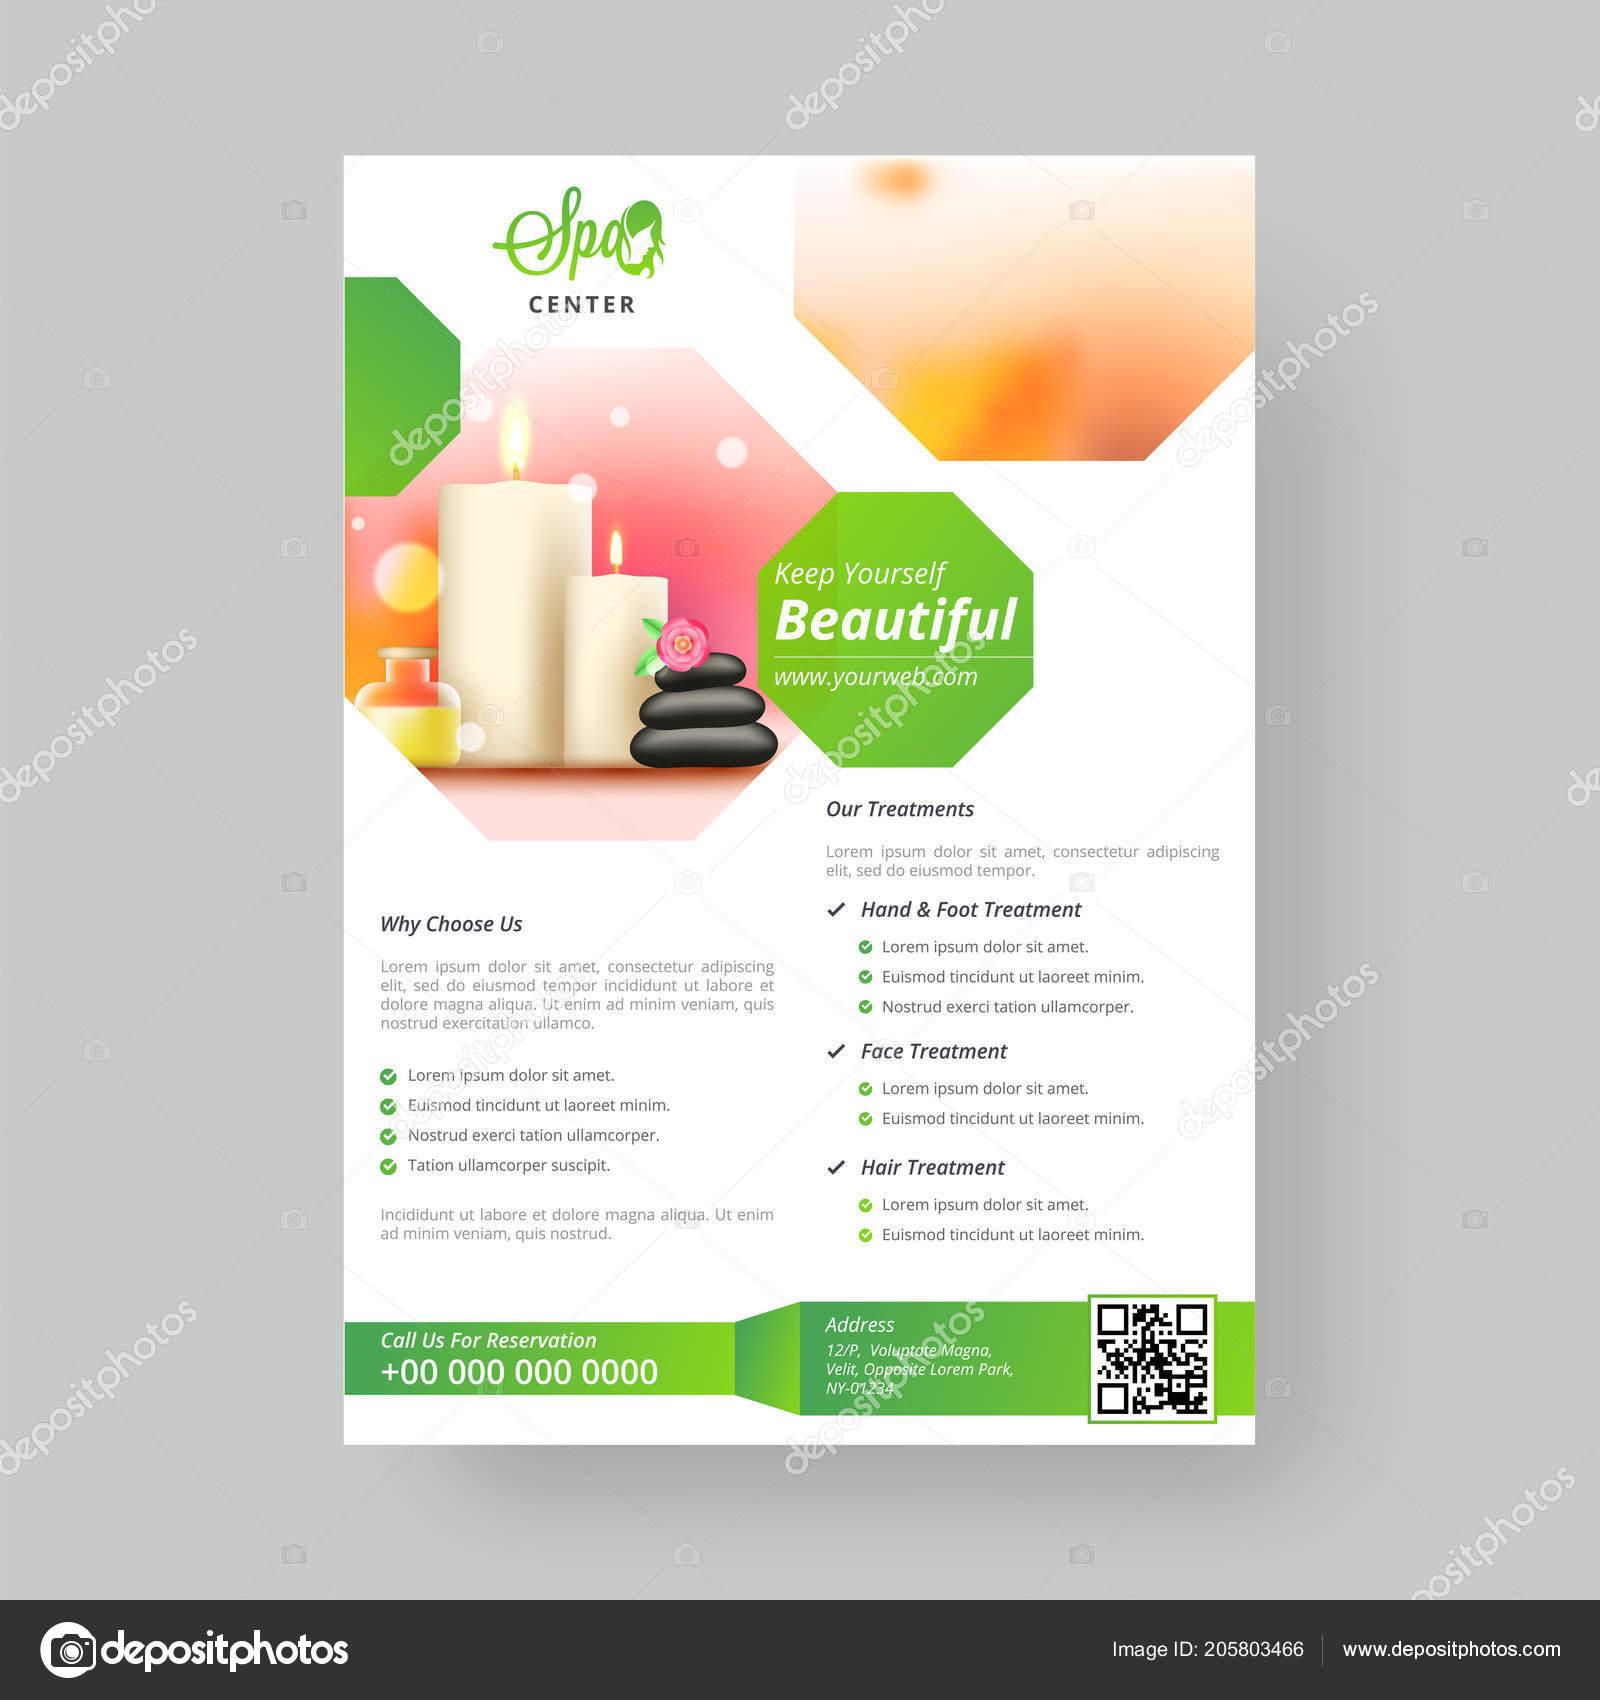 spa centro modelo folheto projeto para conceito marketing vetores